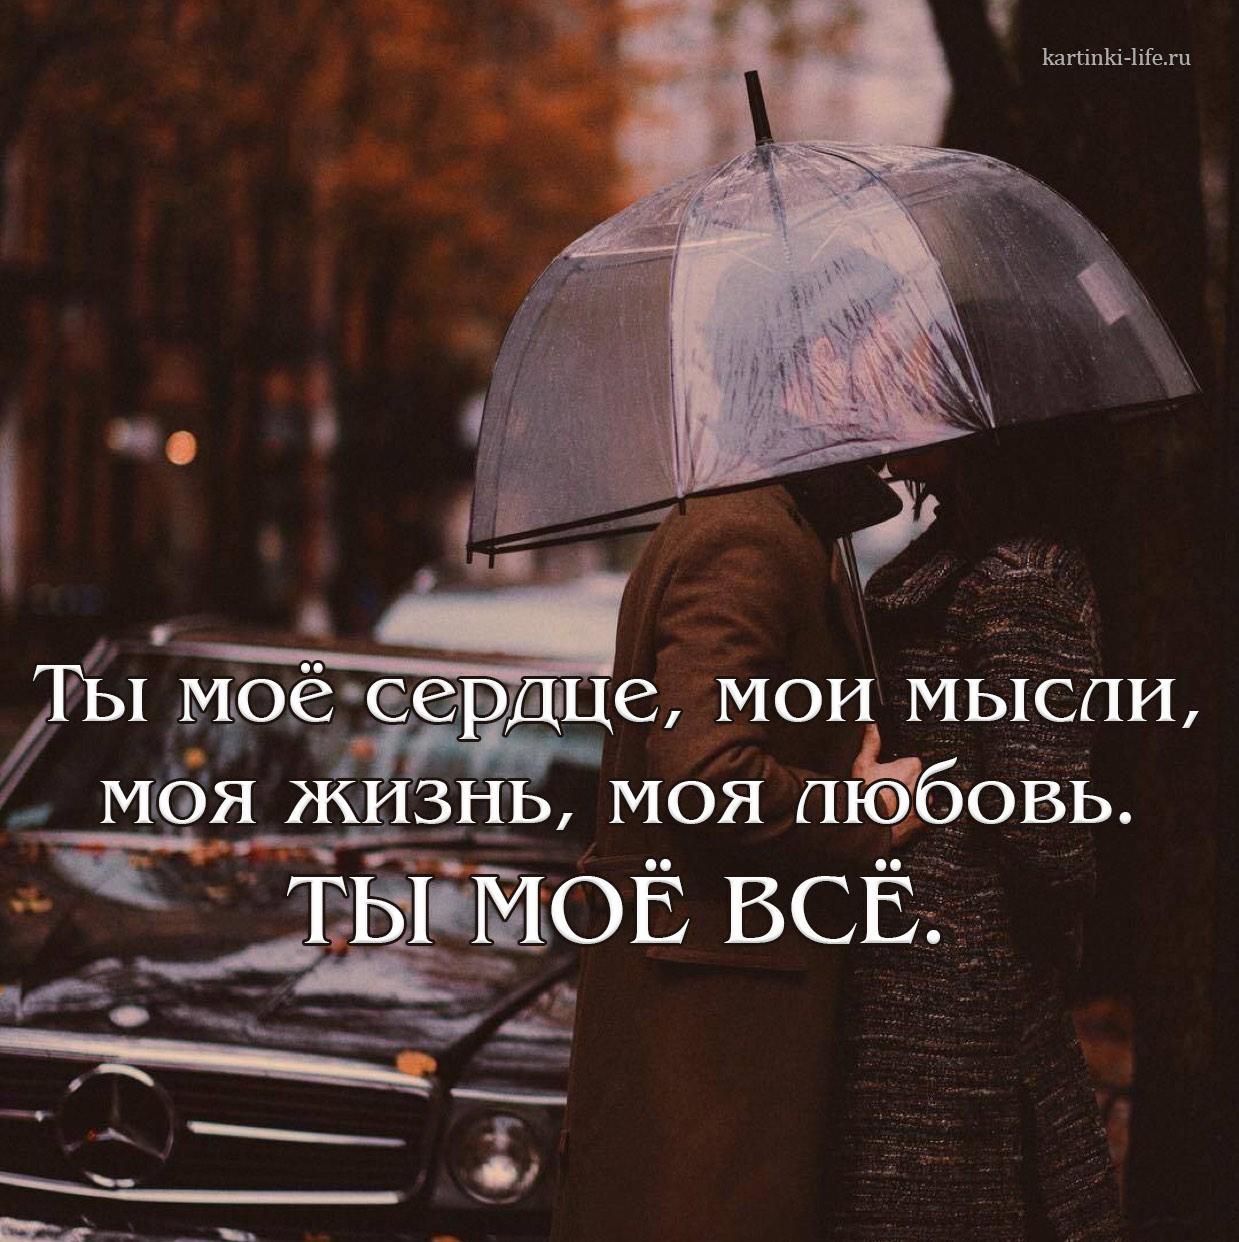 Ты моя любовь ты моя жизнь картинки